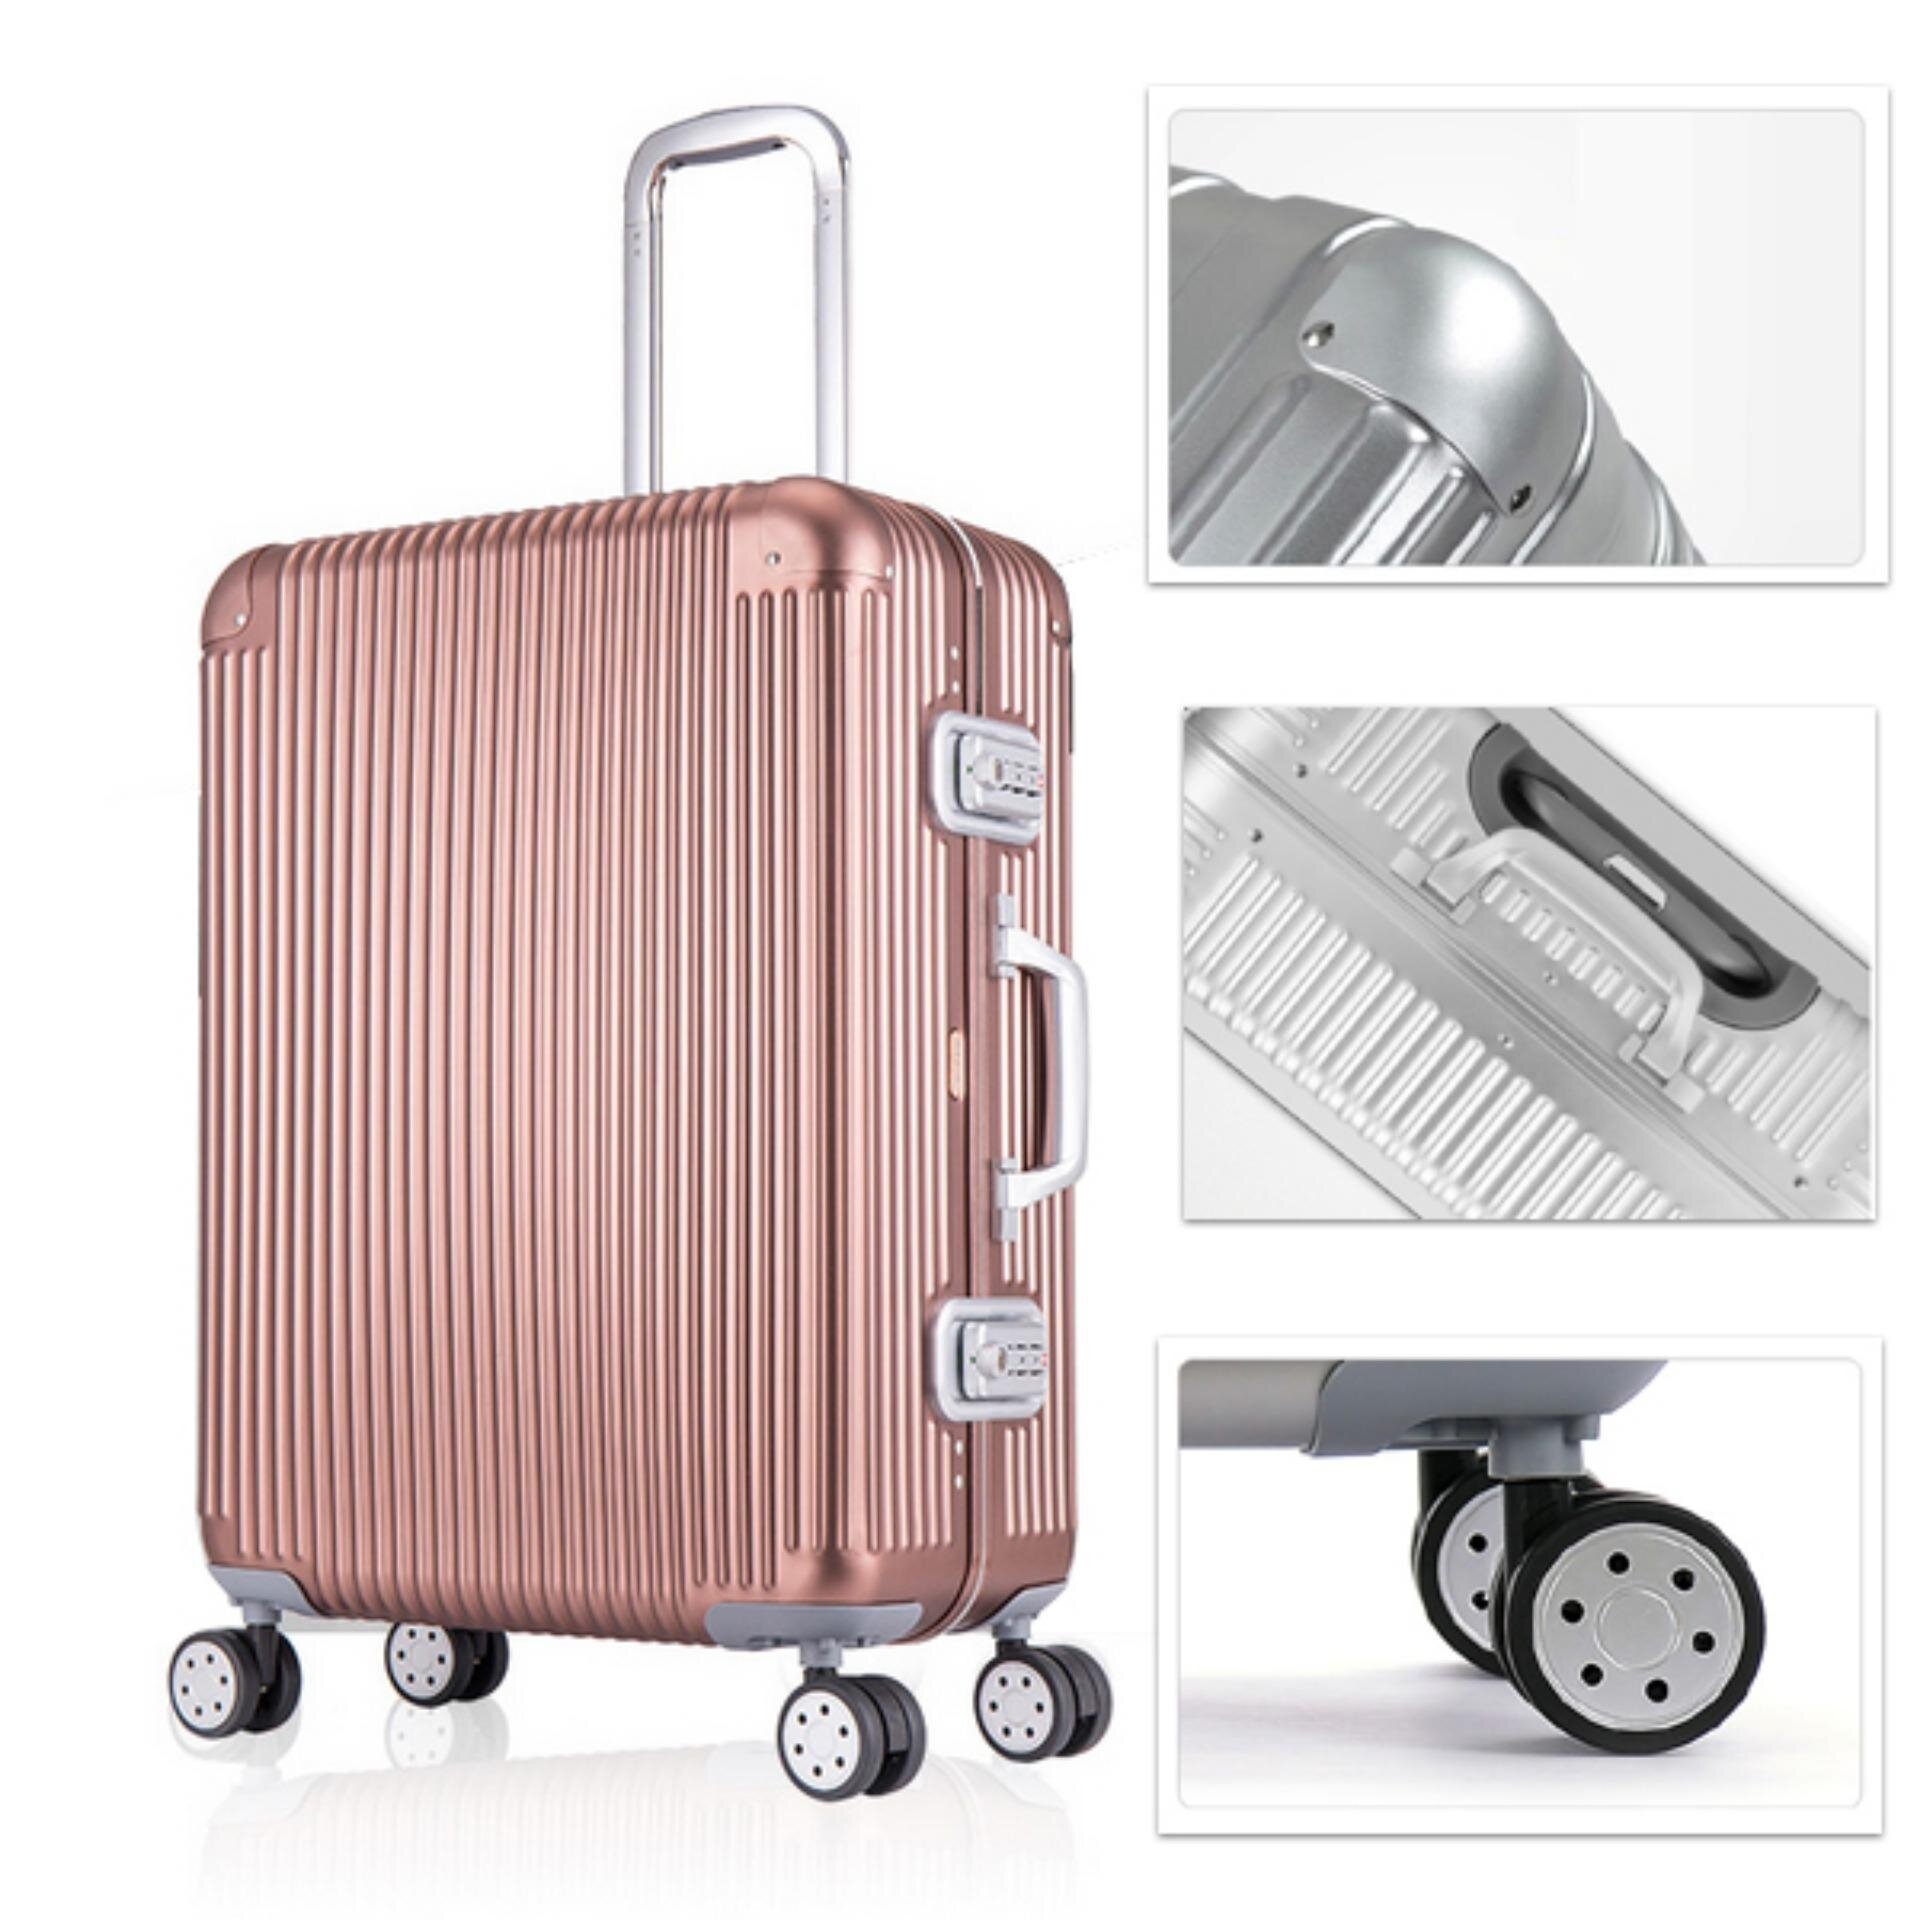 Vali nhôm cao cấp có gì khác so với vali nhôm giá rẻ ? | websosanh.vn